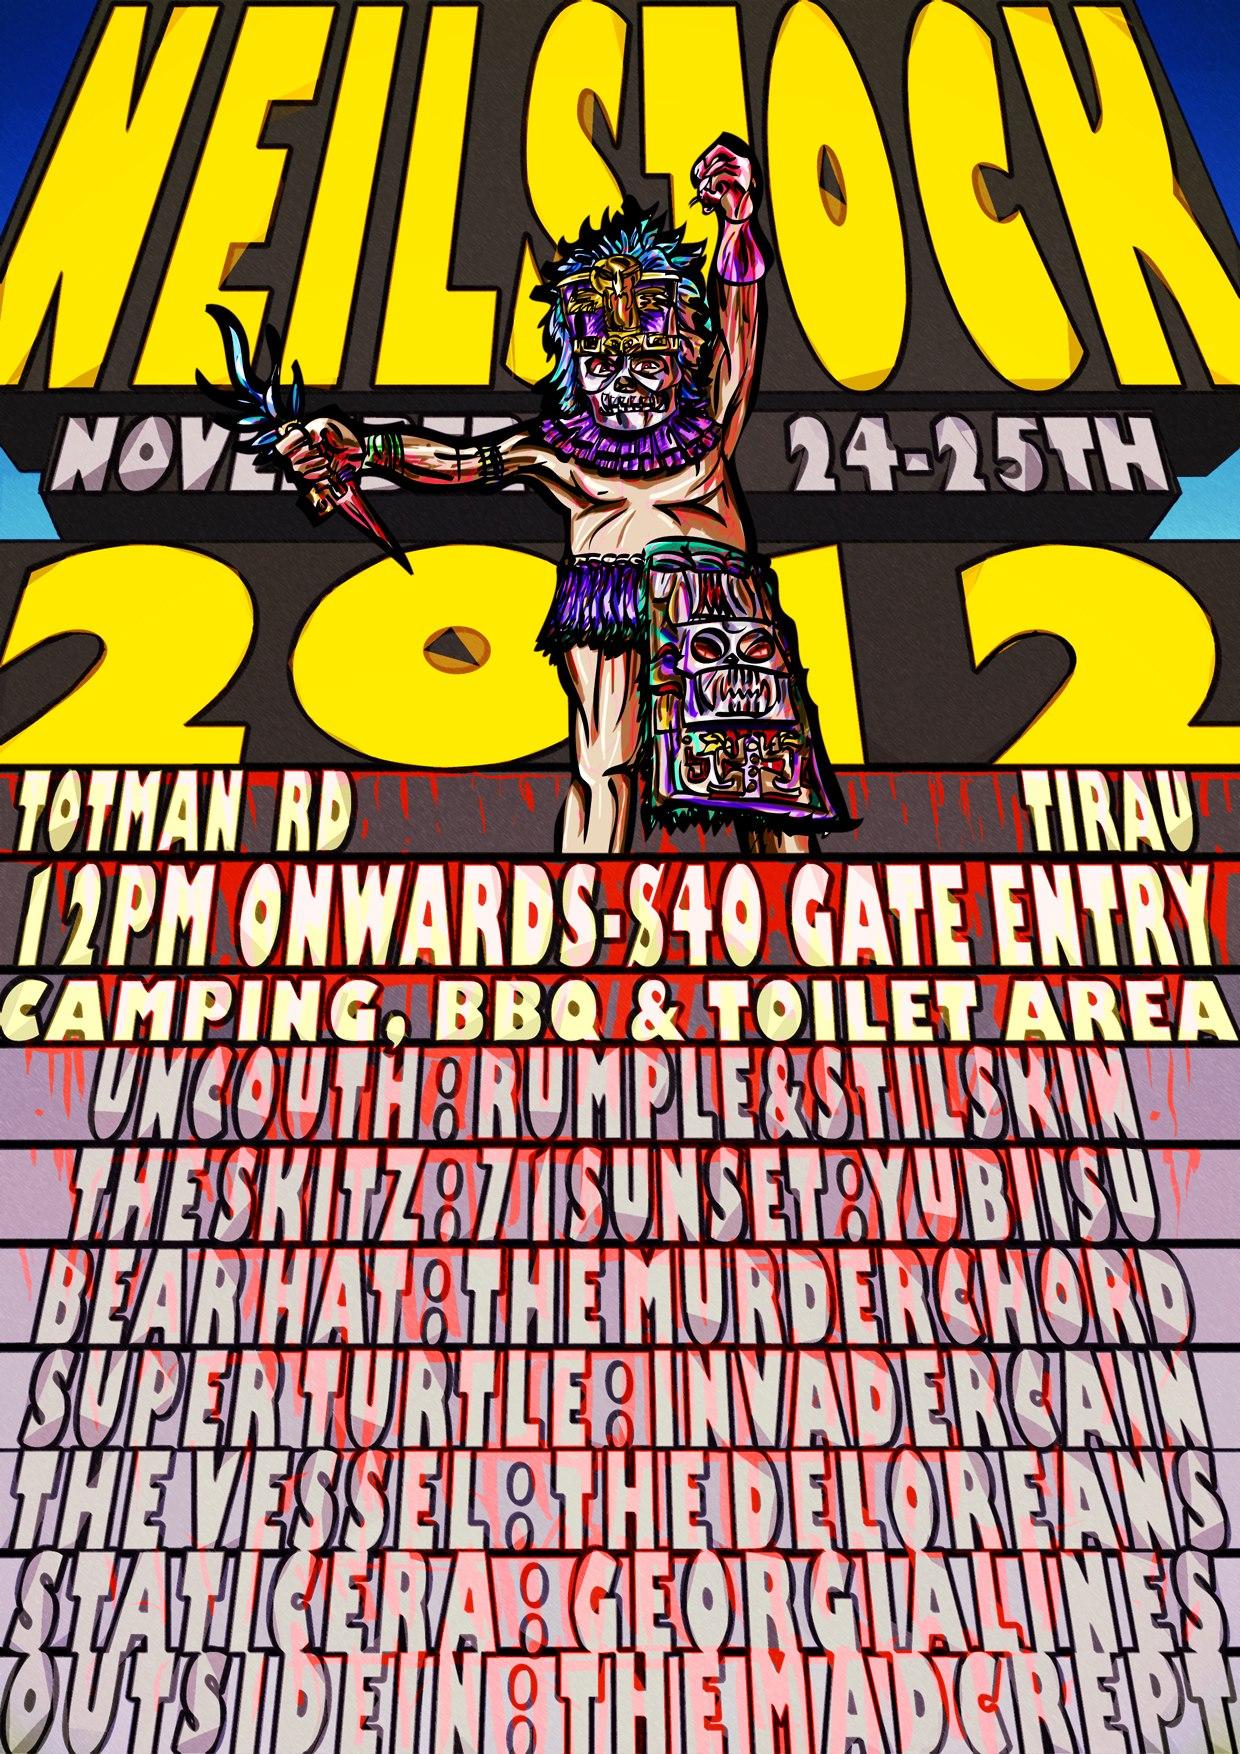 Neilstock 24 November 2012.